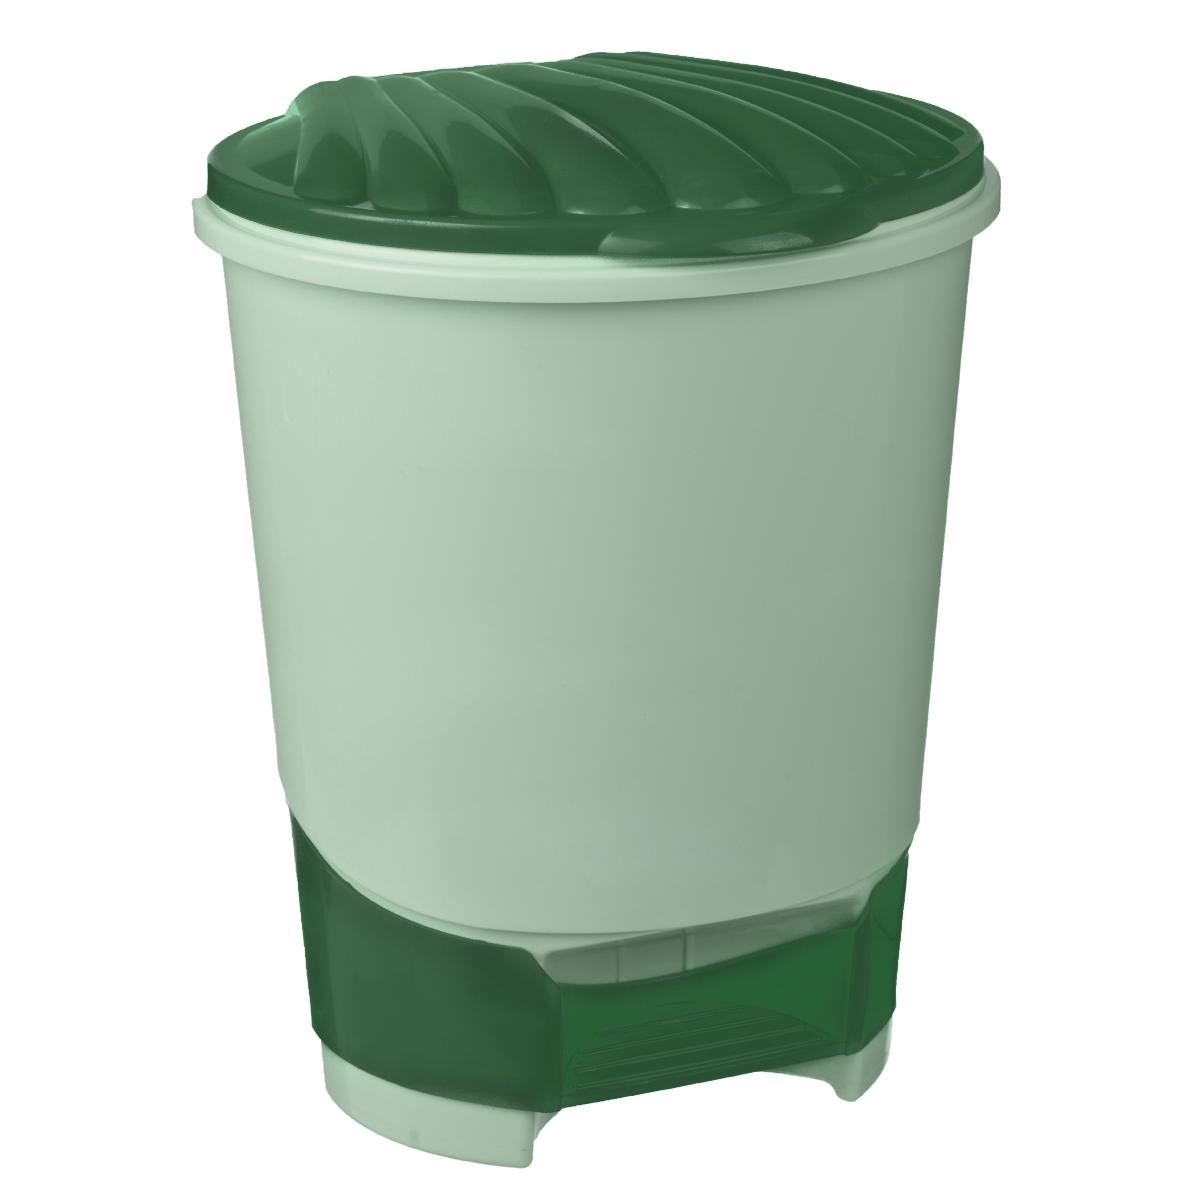 Ведро для мусора Альтернатива, с педалью, цвет: зеленый, 10 лМ1379Ведро для мусора Альтернатива, выполненное из прочного пластика, обеспечит долгий срок службы и легкую чистку. Ведро поможет вам держать мелкий мусор в порядке и предотвратит распространение неприятного запаха. Откидная пластиковая крышка открывается и закрывается при помощи педали.